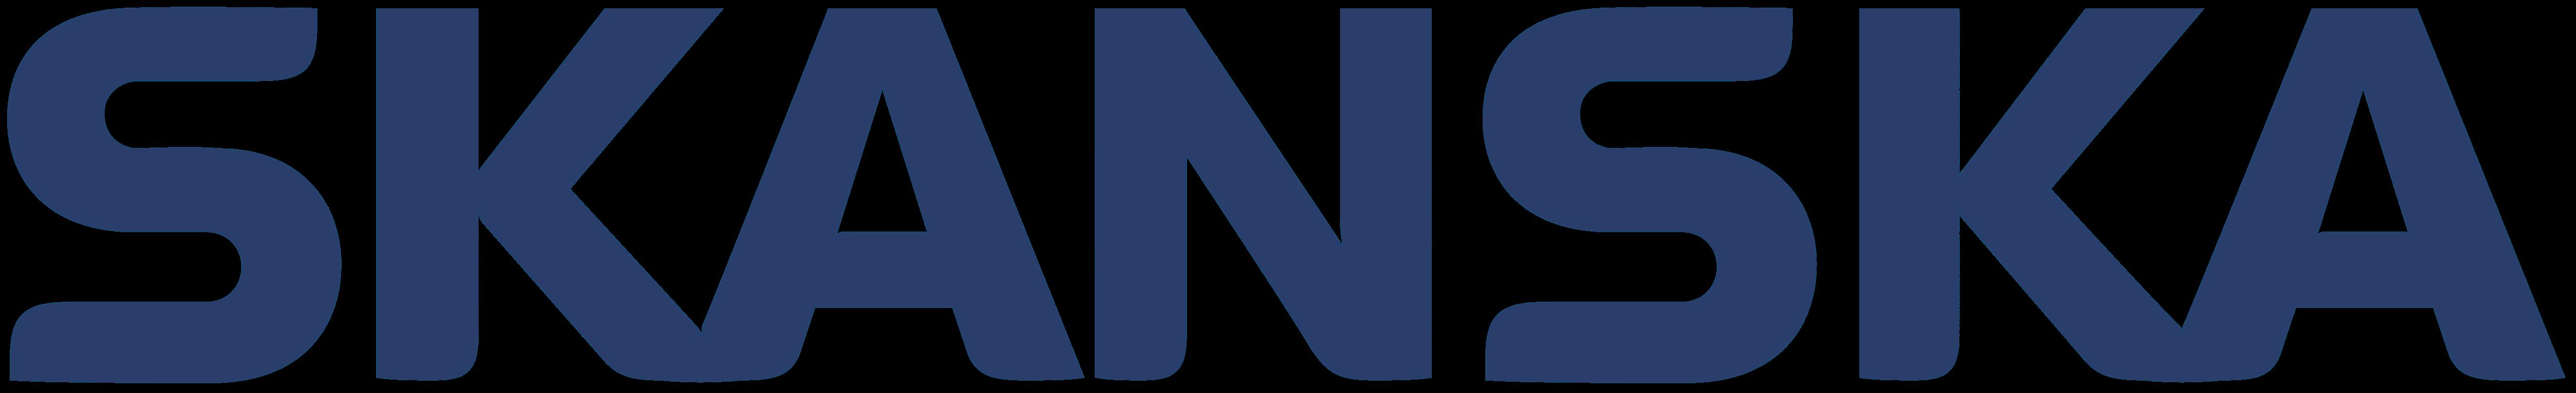 Bildresultat för skanska logo